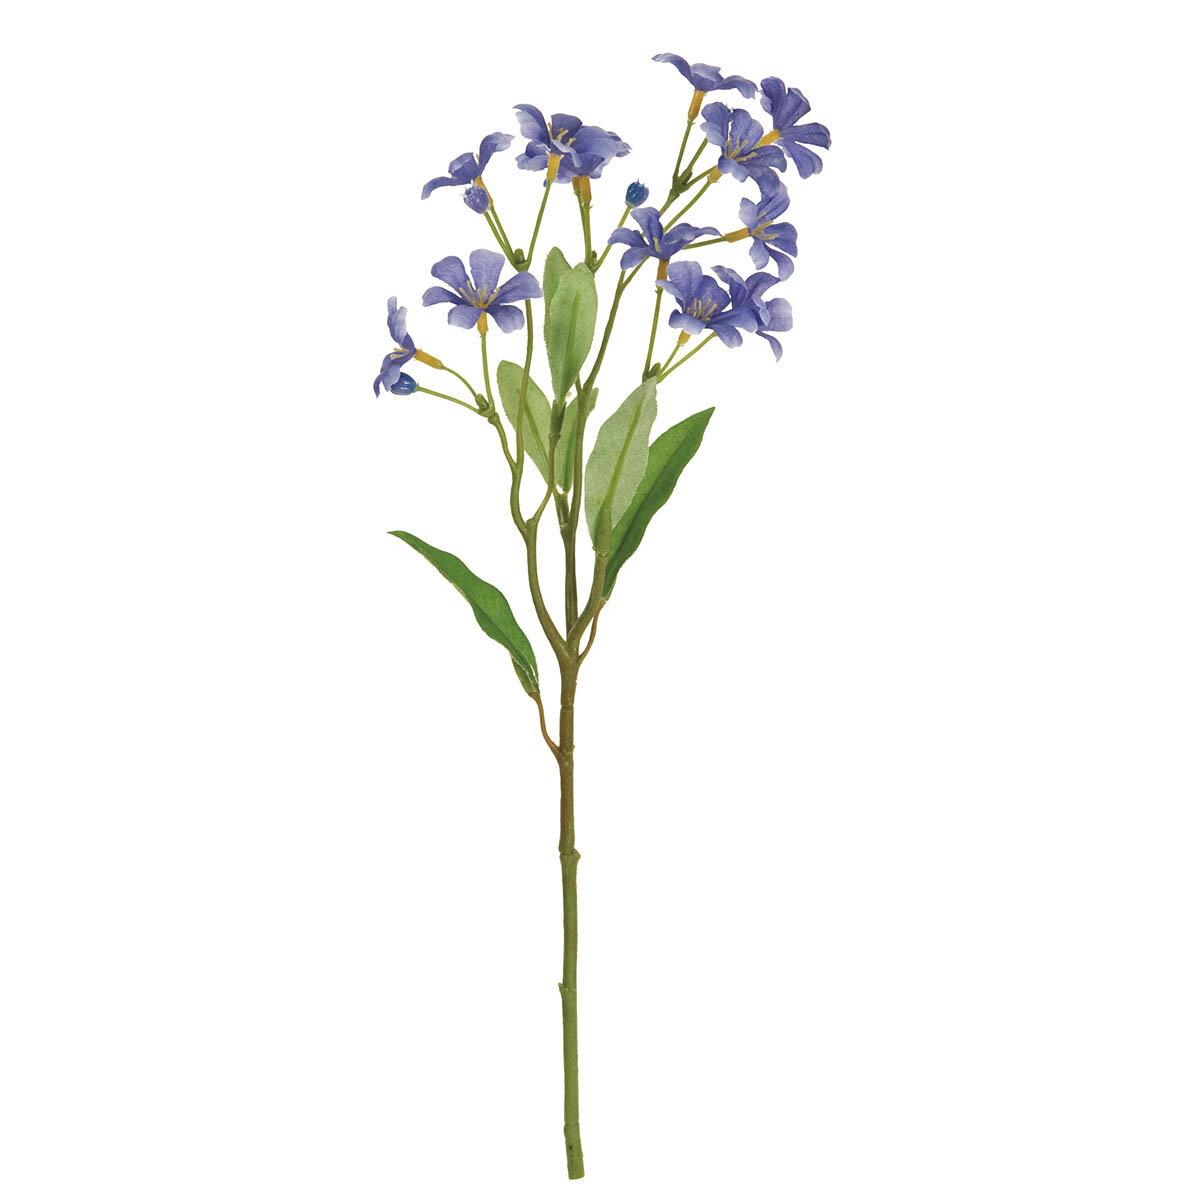 【造花】MAGIQ(東京堂)/ハニーフラワー #5 ブルー/FM002069-005【01】【取寄】